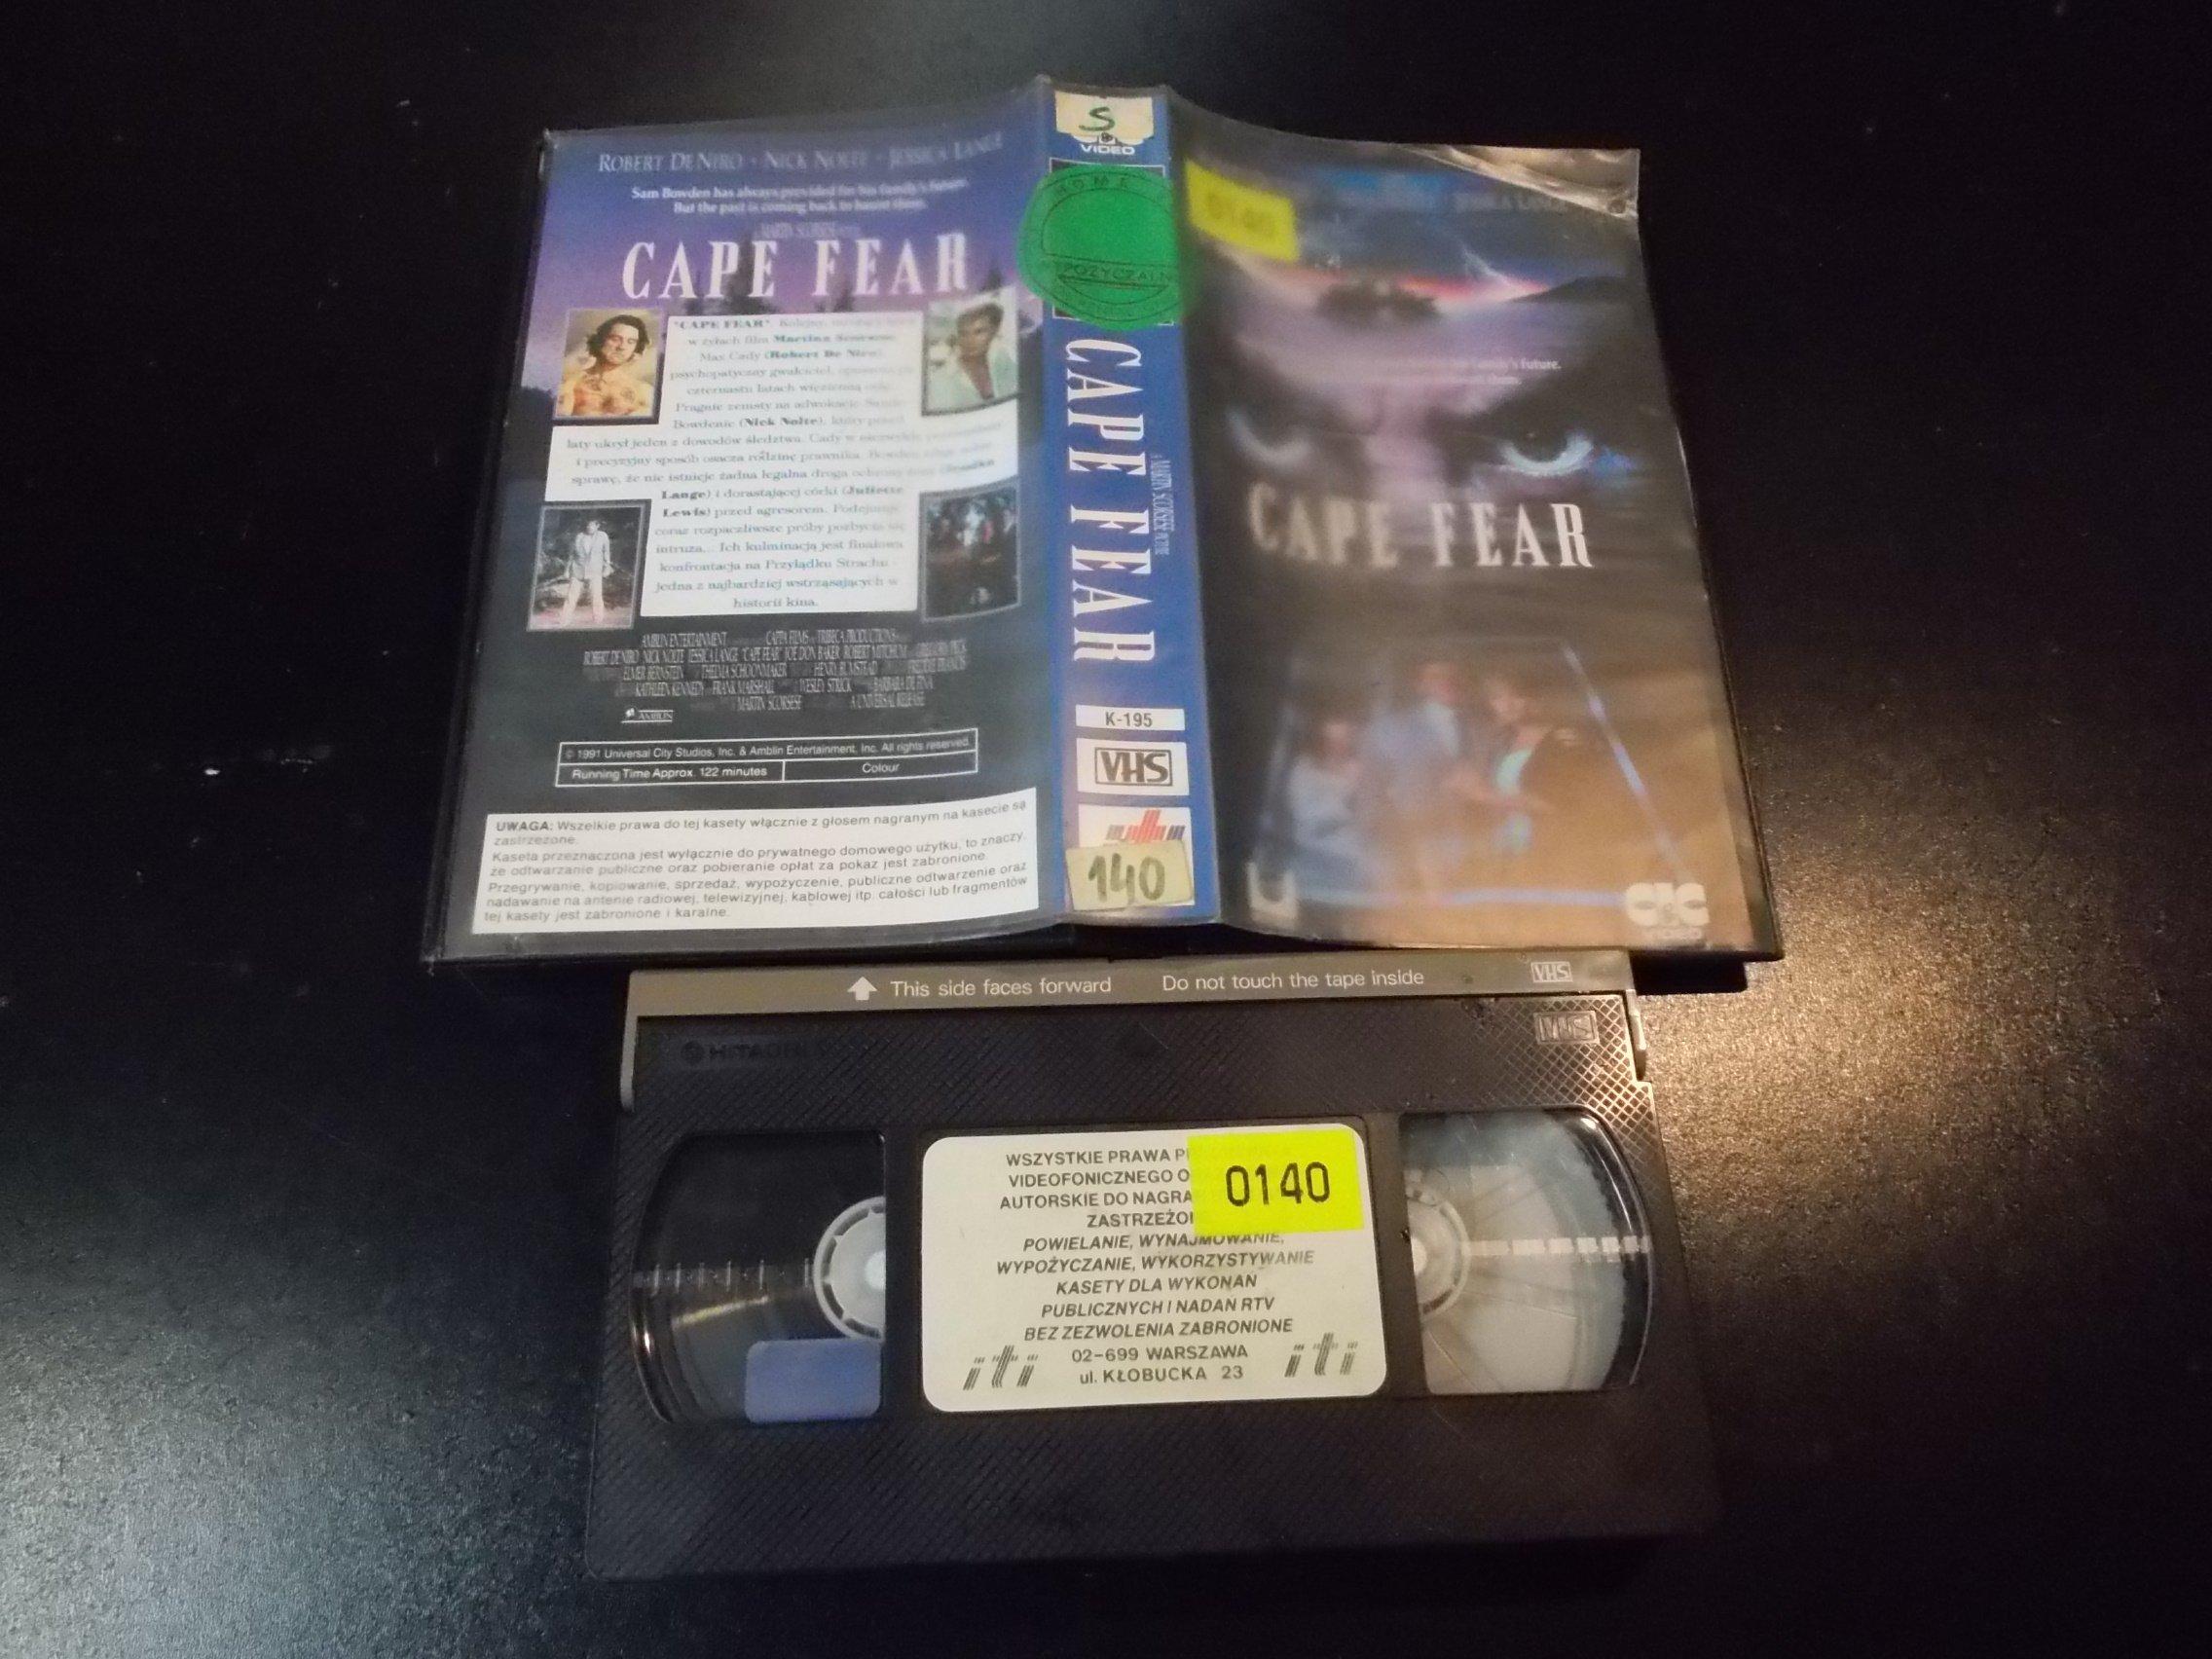 PRZYLONDEK STRACHU - kaseta Video VHS - 1358 Sklep